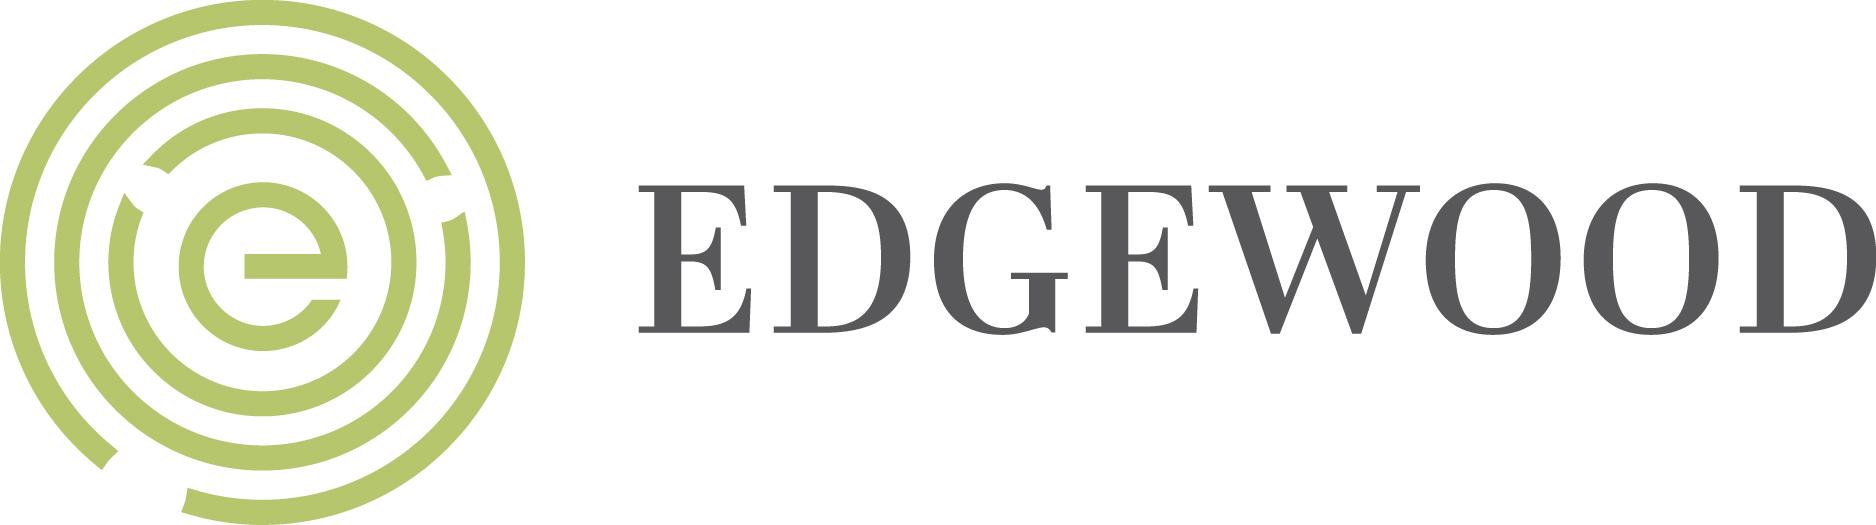 EDGEWOOD secondary